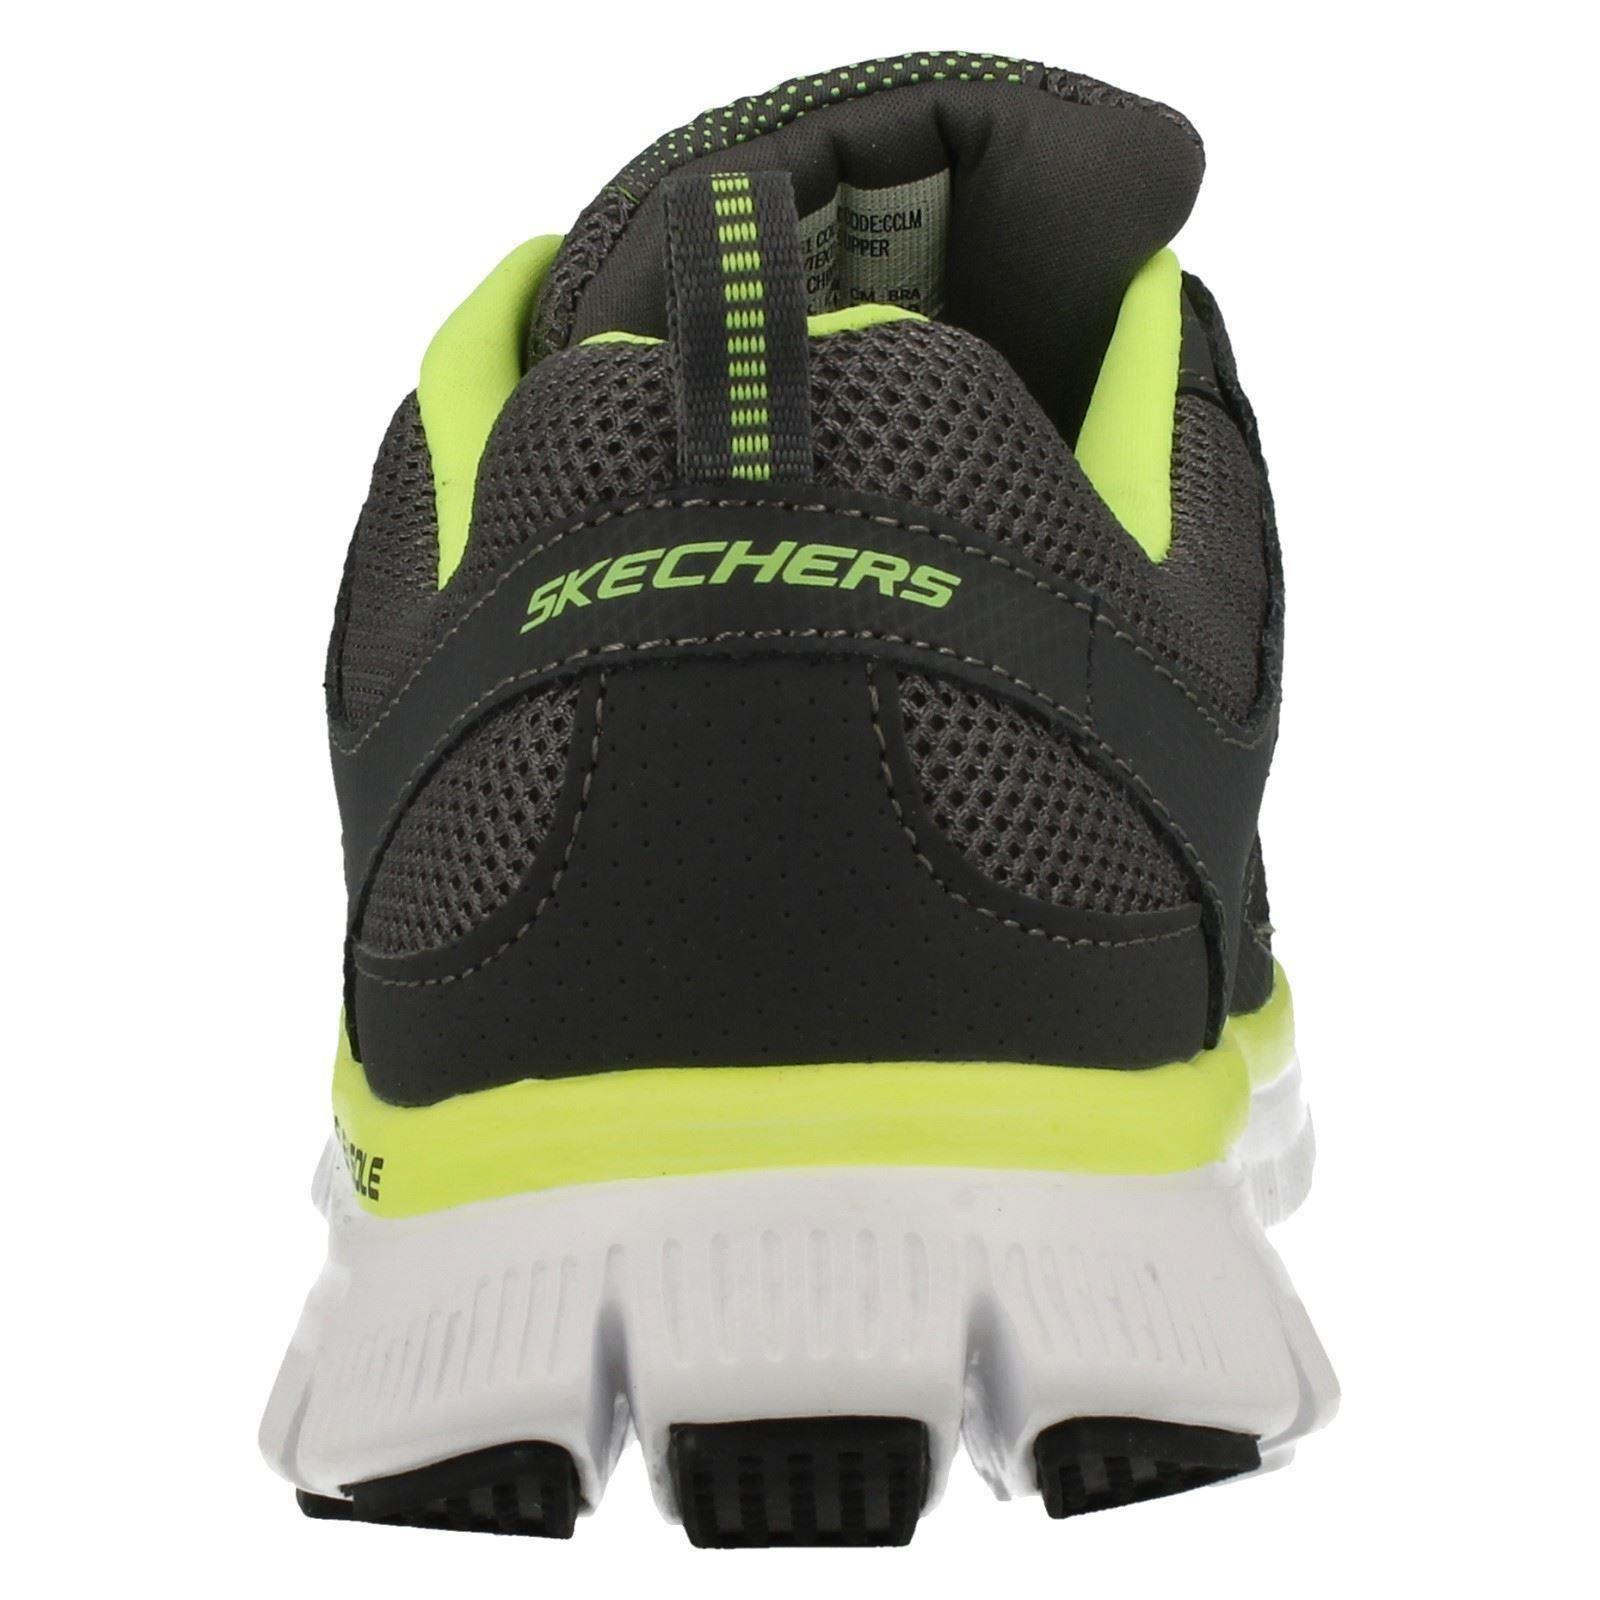 Da Uomo Skechers Skechers Skechers Scarpe Da Ginnastica-Style-FLEX VANTAGGIO-W 6293e6